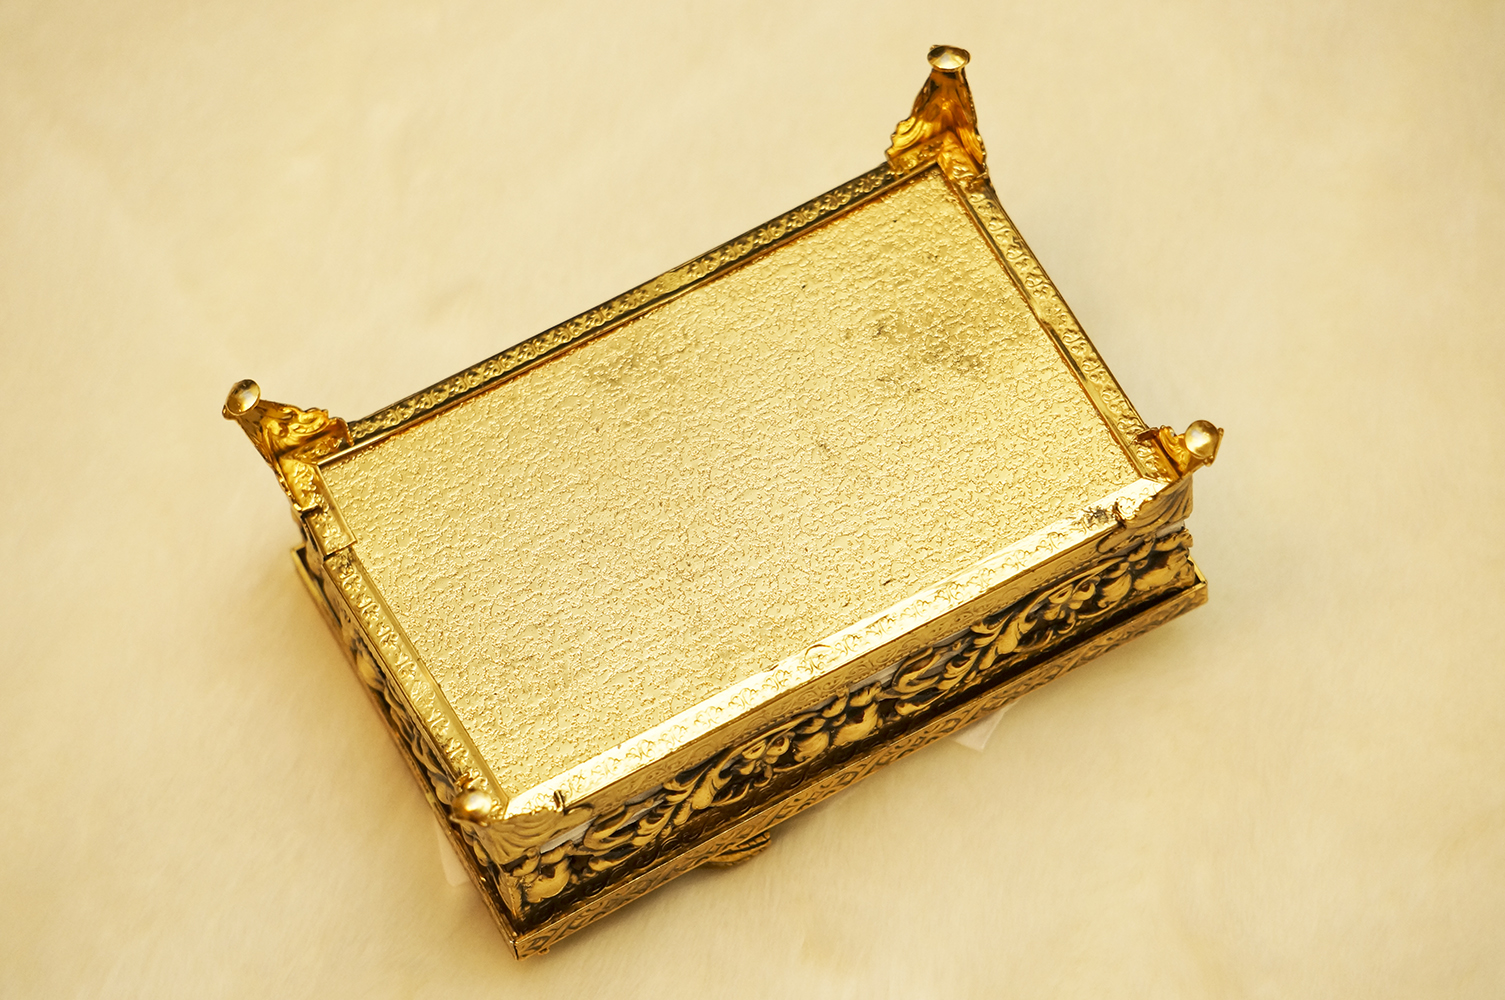 スタイルビルト製 ゴールド ミニ ロープ ティッシュボックス 裏側